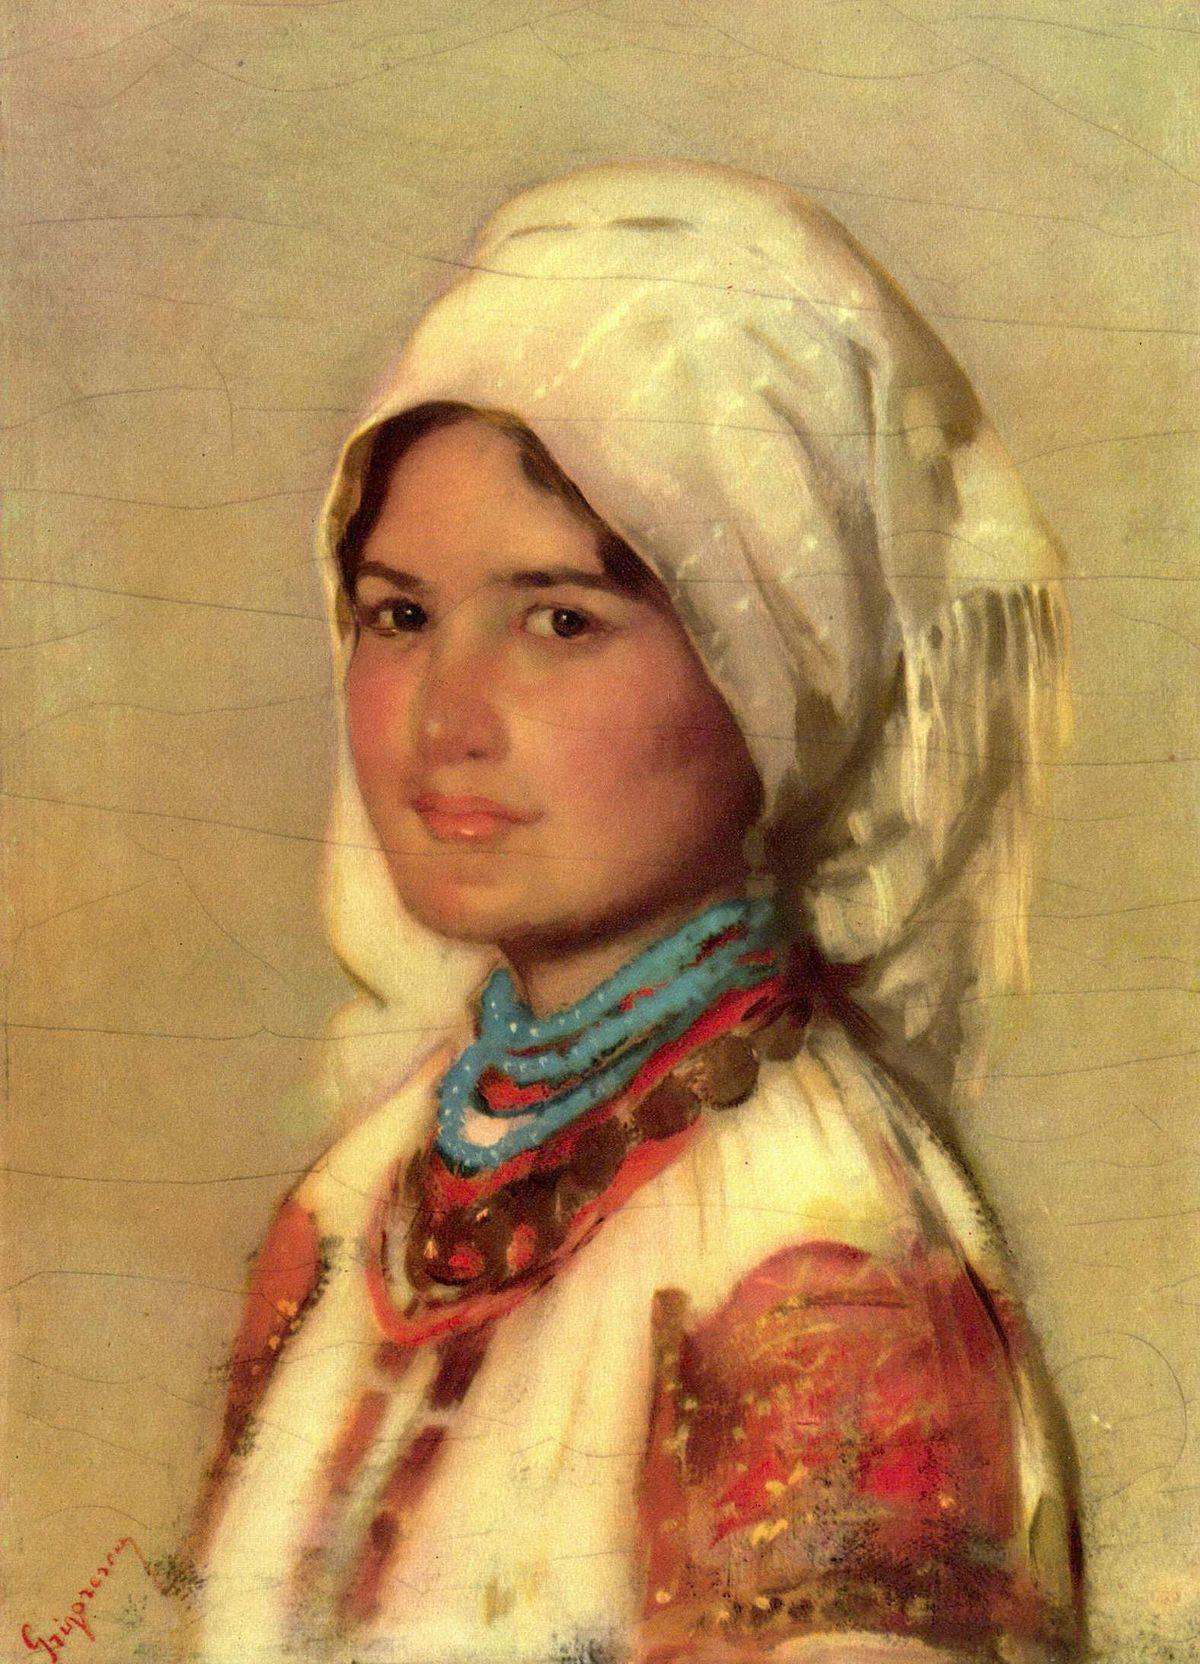 Țărancă din Muscel (pictură de Nicolae Grigorescu) - Wikipedia